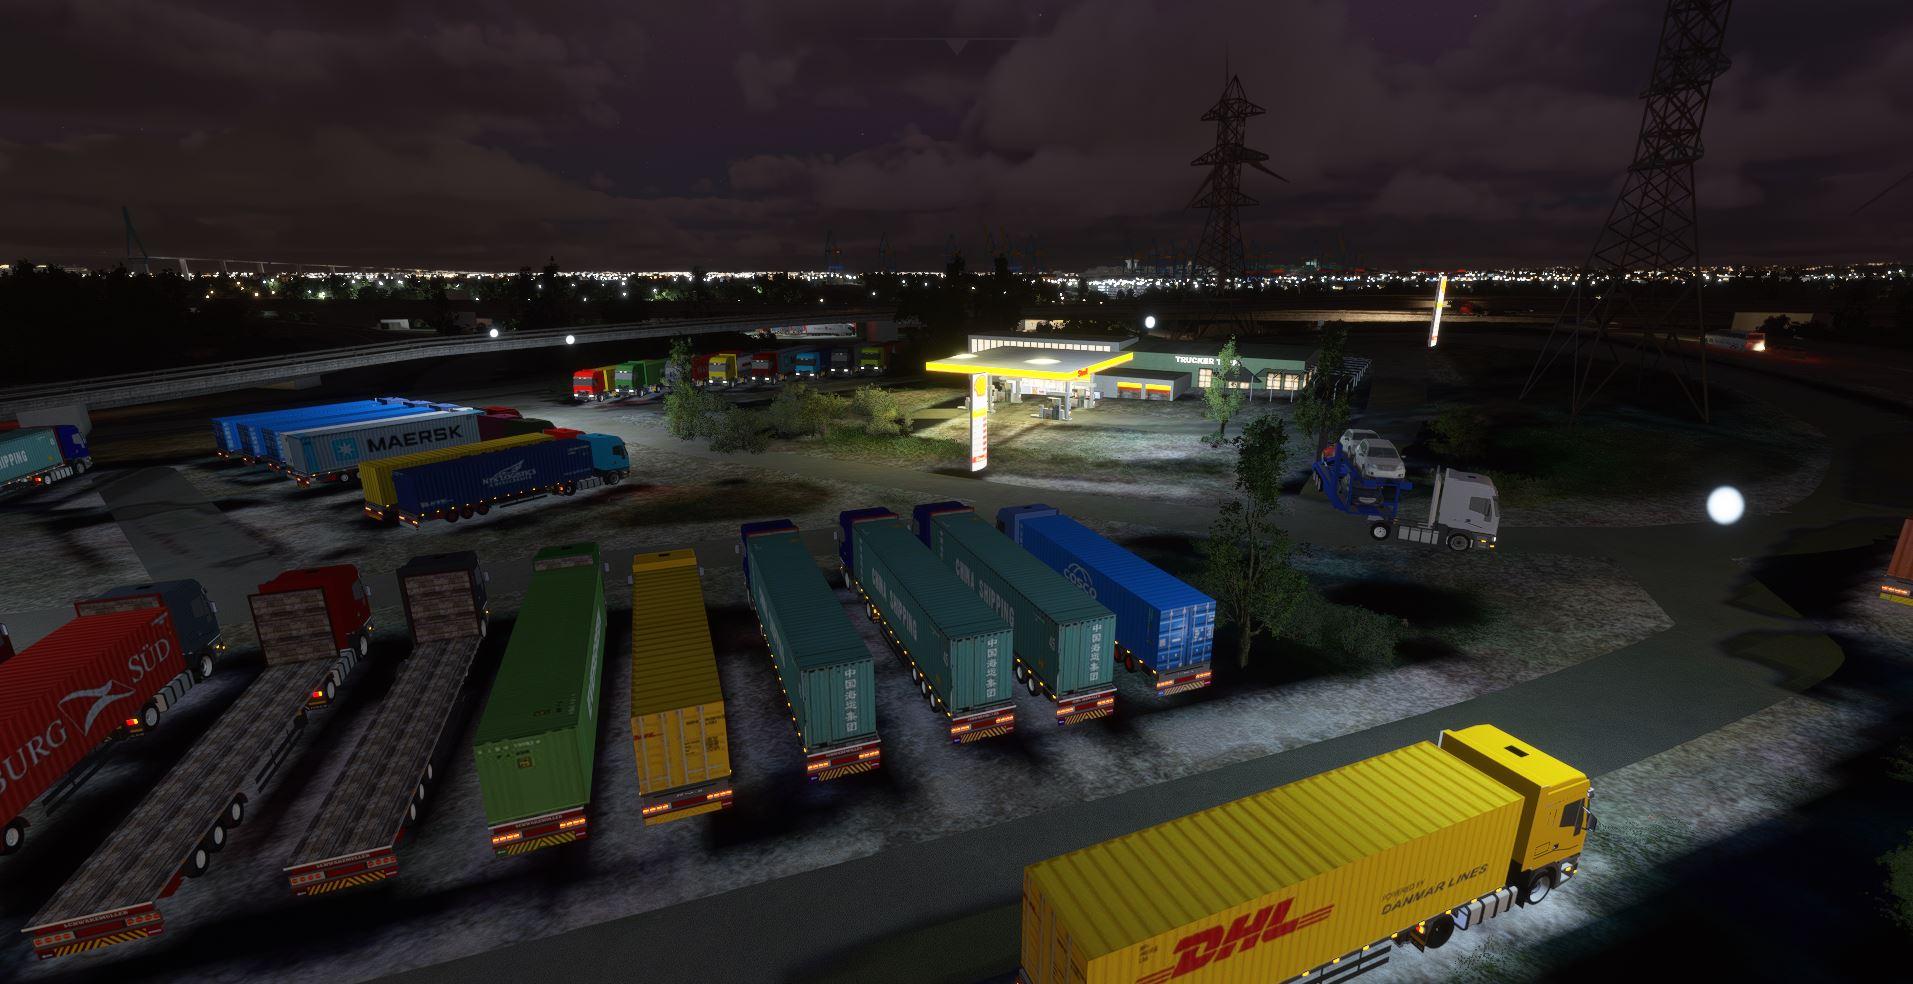 Bild52_TruckerTreff_Altenwerder_Nacht.JPG